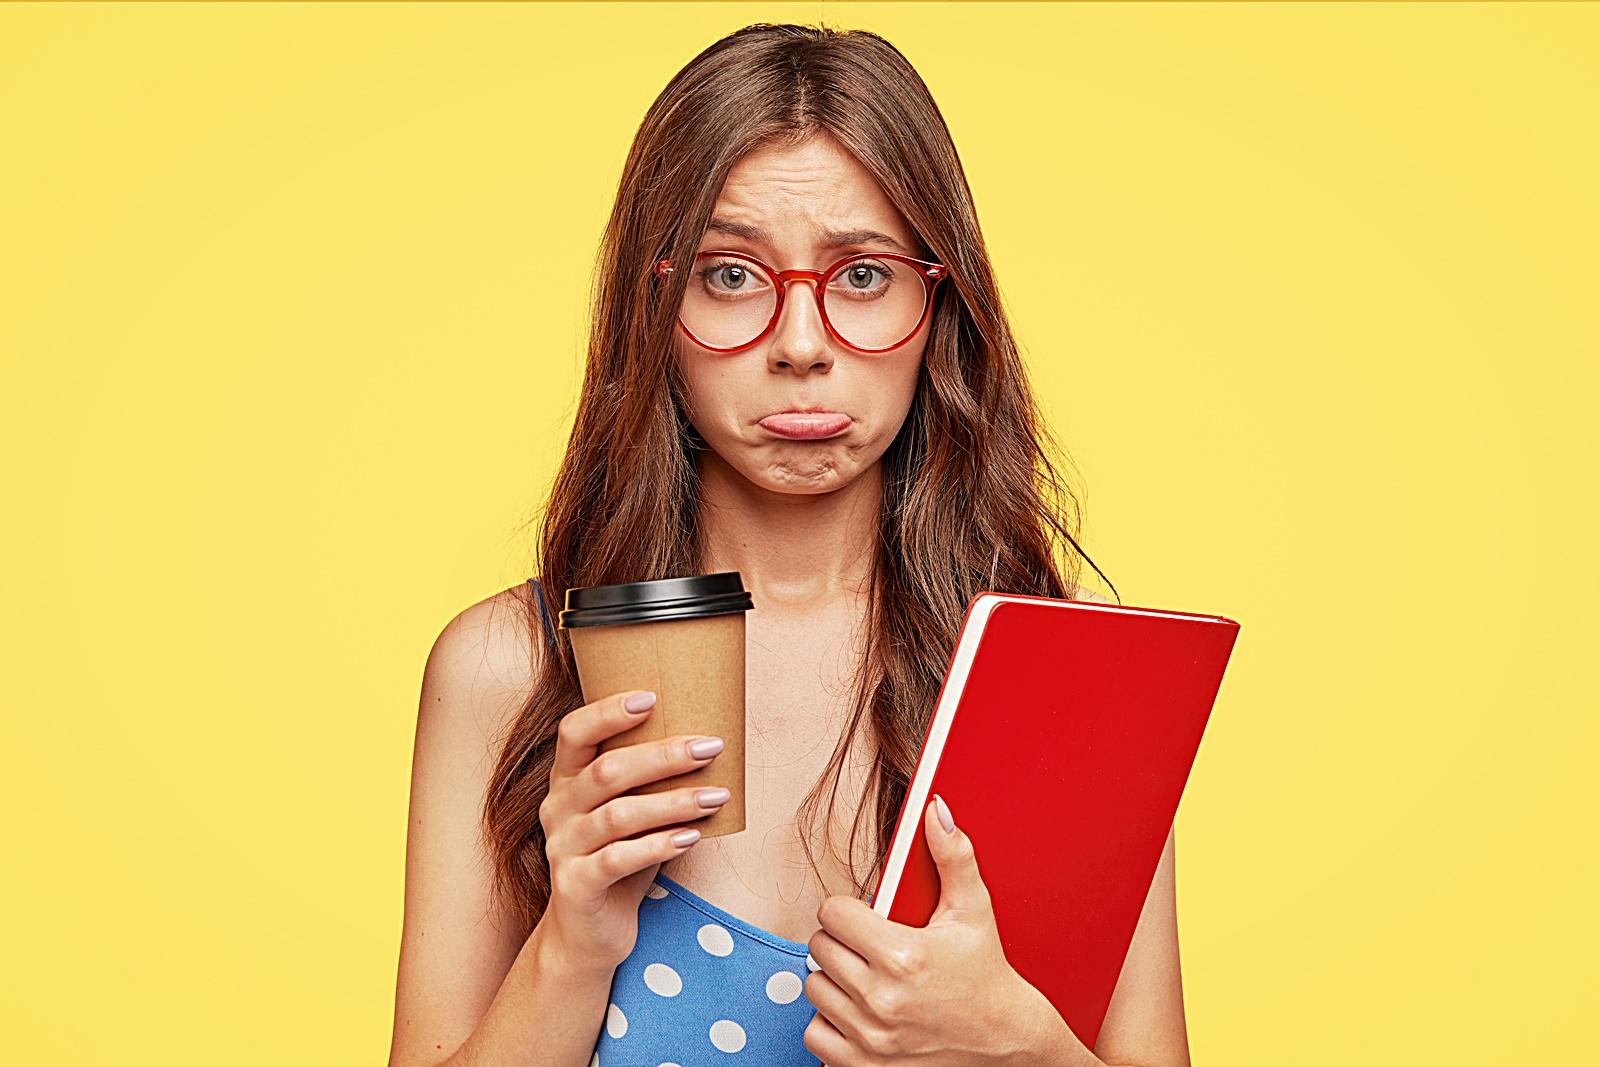 커피 맛이 이상한 여자